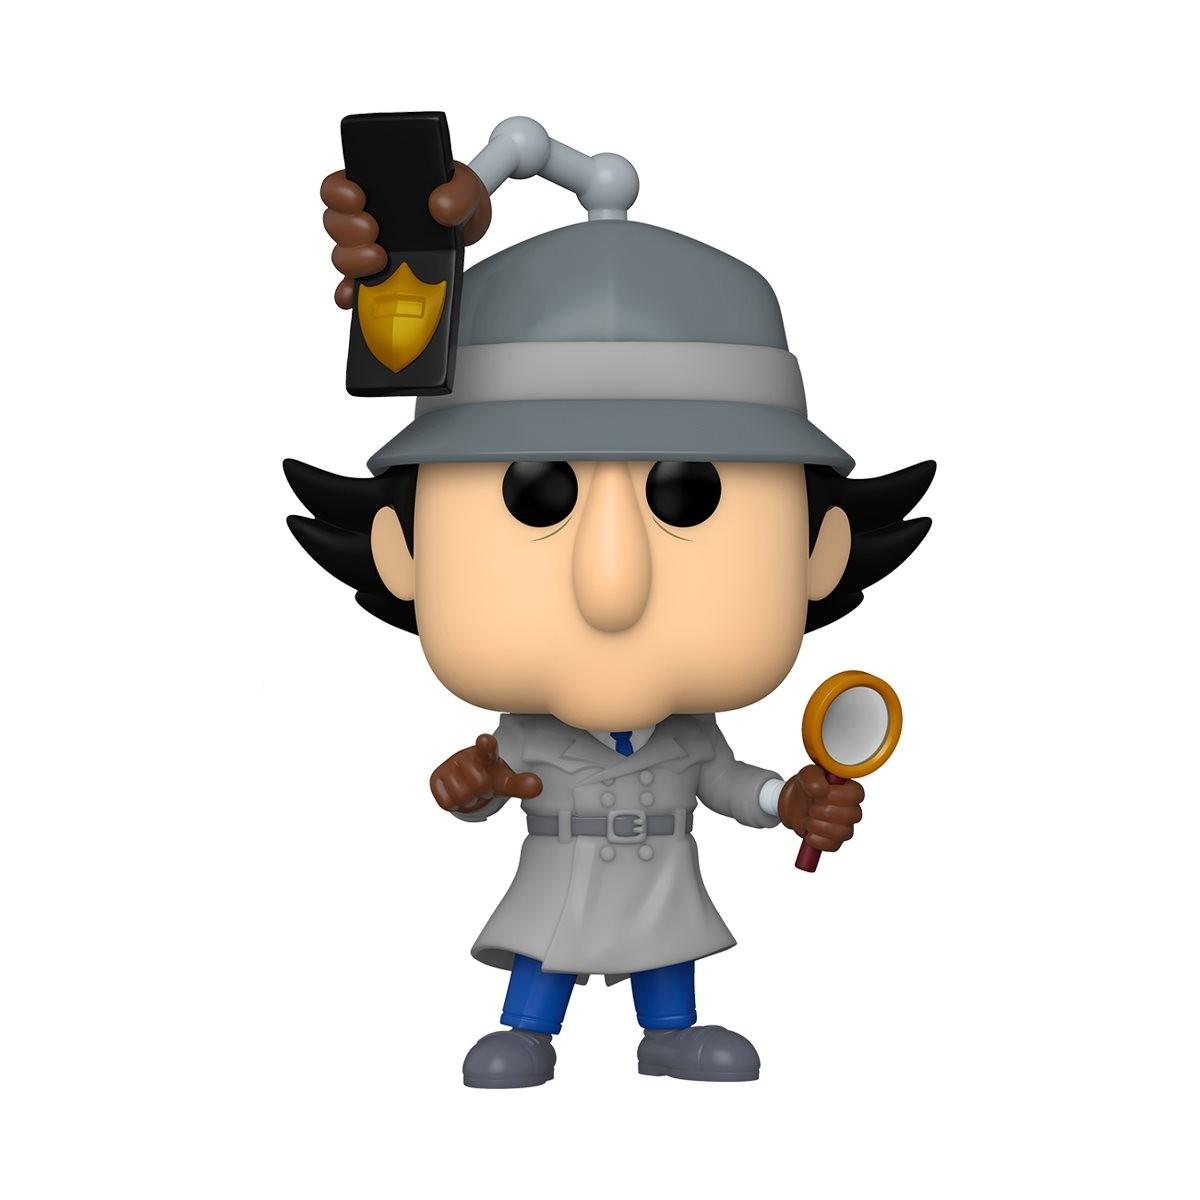 PRÉ VENDA: Funko Pop! Inspetor Bugiganga (Inspetor Gadget): Inspetor Gadget (Chese) Edição Limitada #892 - Funko